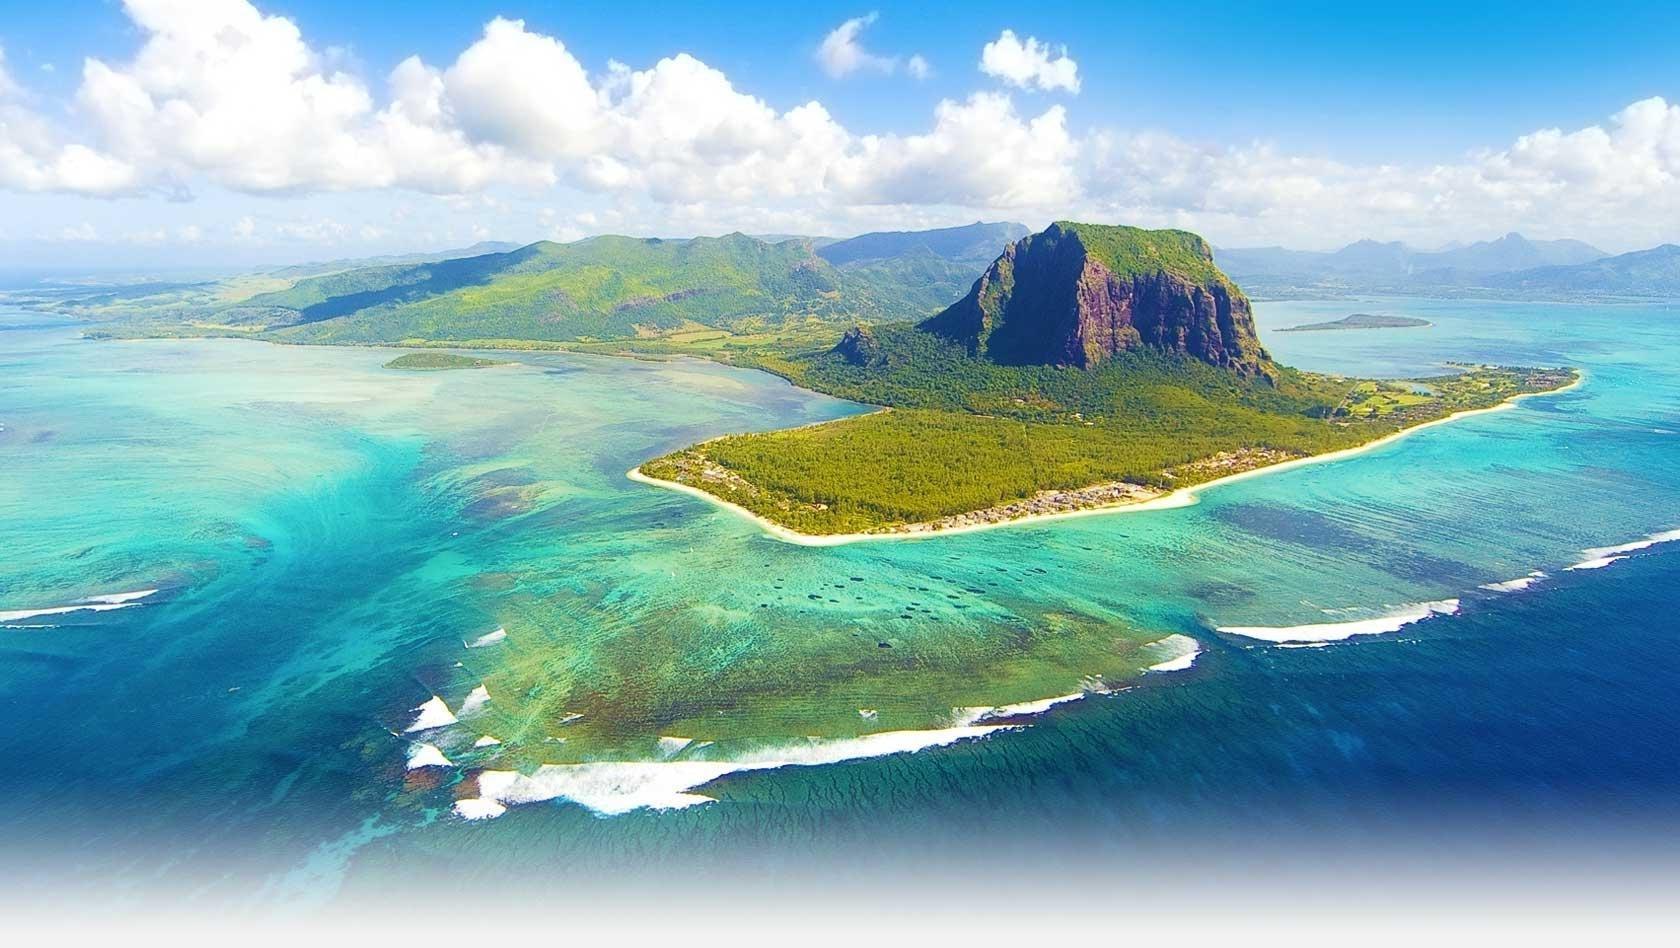 Остров Маврикий: звезда и ключ Индийского океана